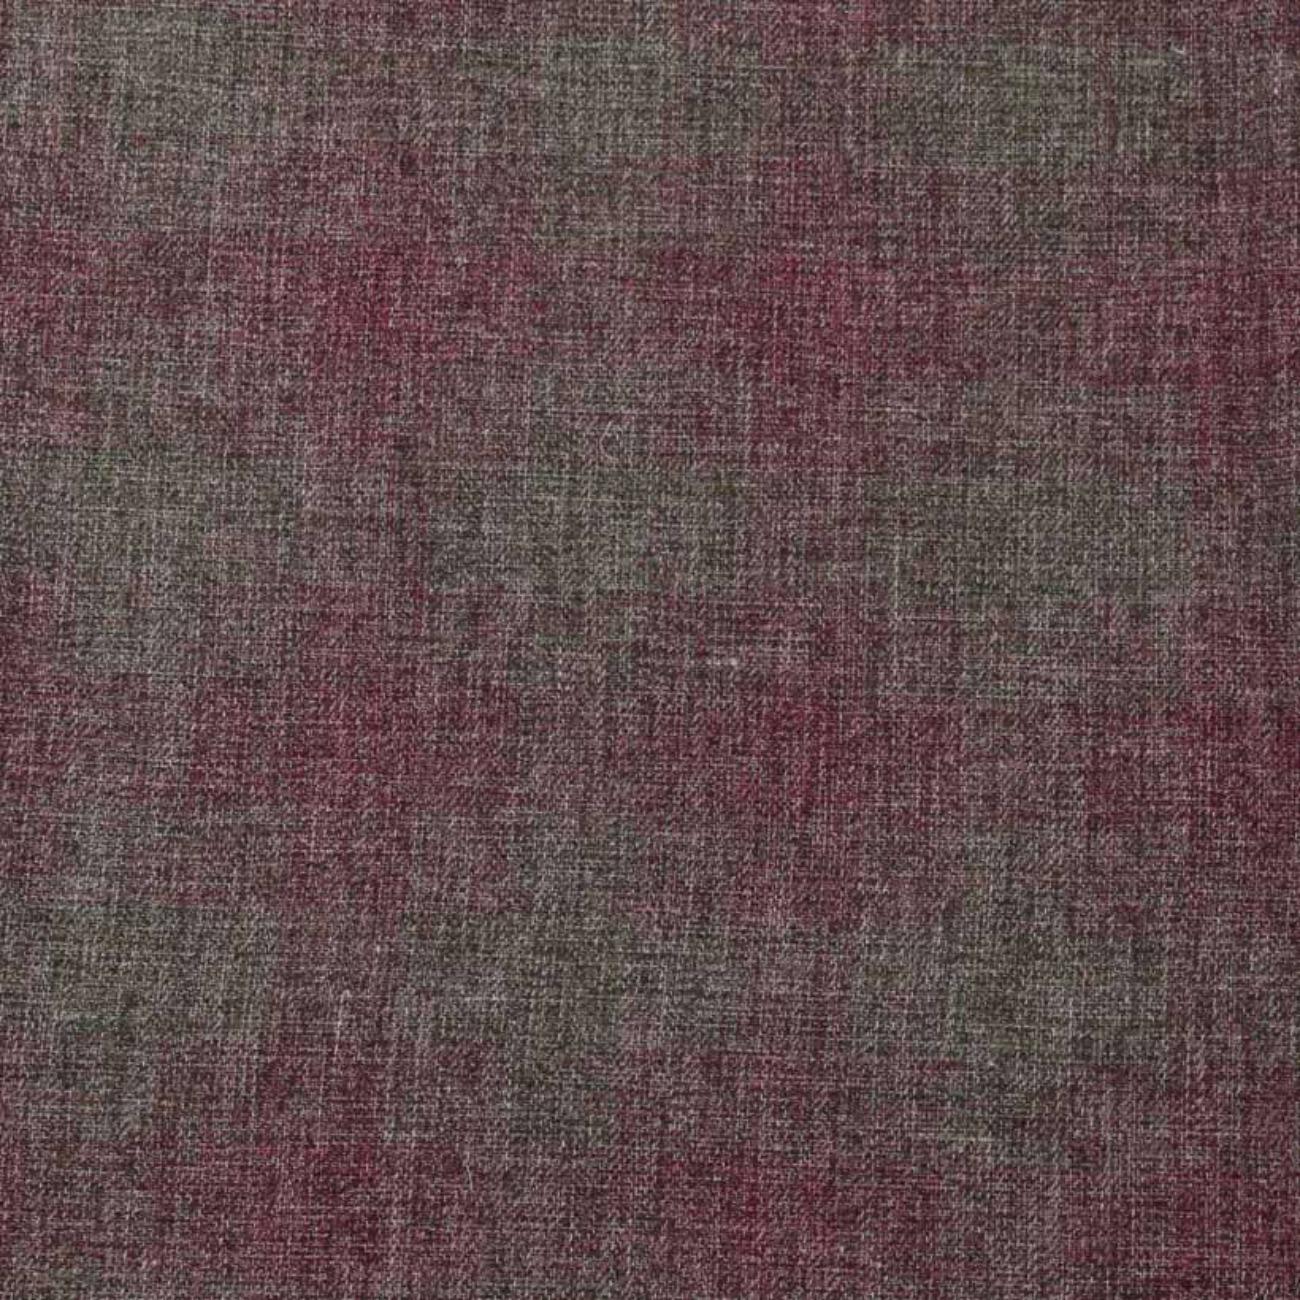 现货素色梭织色织低弹休闲时尚风格衬衫连衣裙 短裙 60929-49